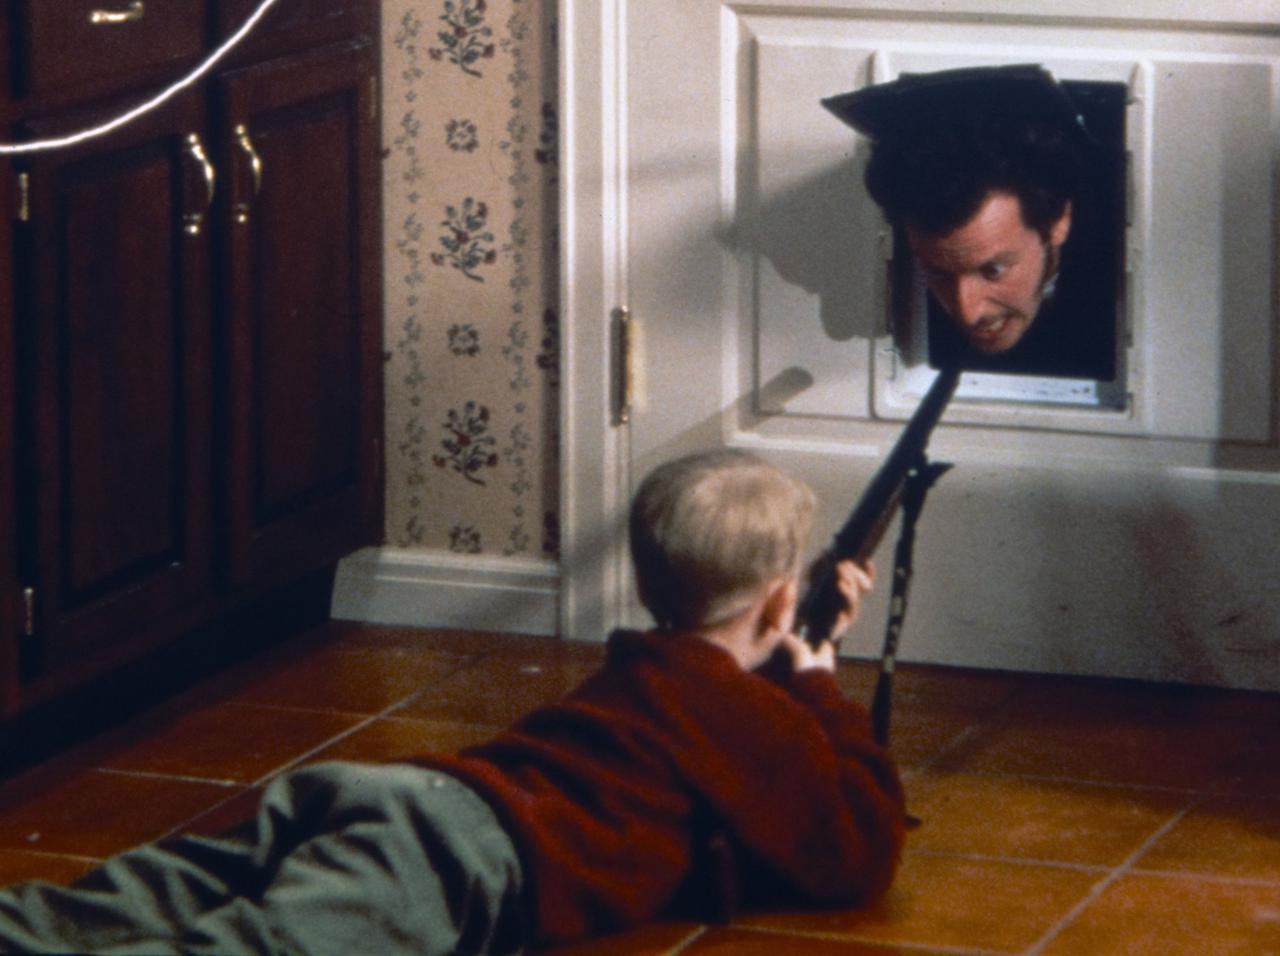 画像: 『ホーム・アローン』は実際に人が住む家で撮影された!住民の「経験」が面白すぎる - フロントロウ -海外セレブ情報を発信